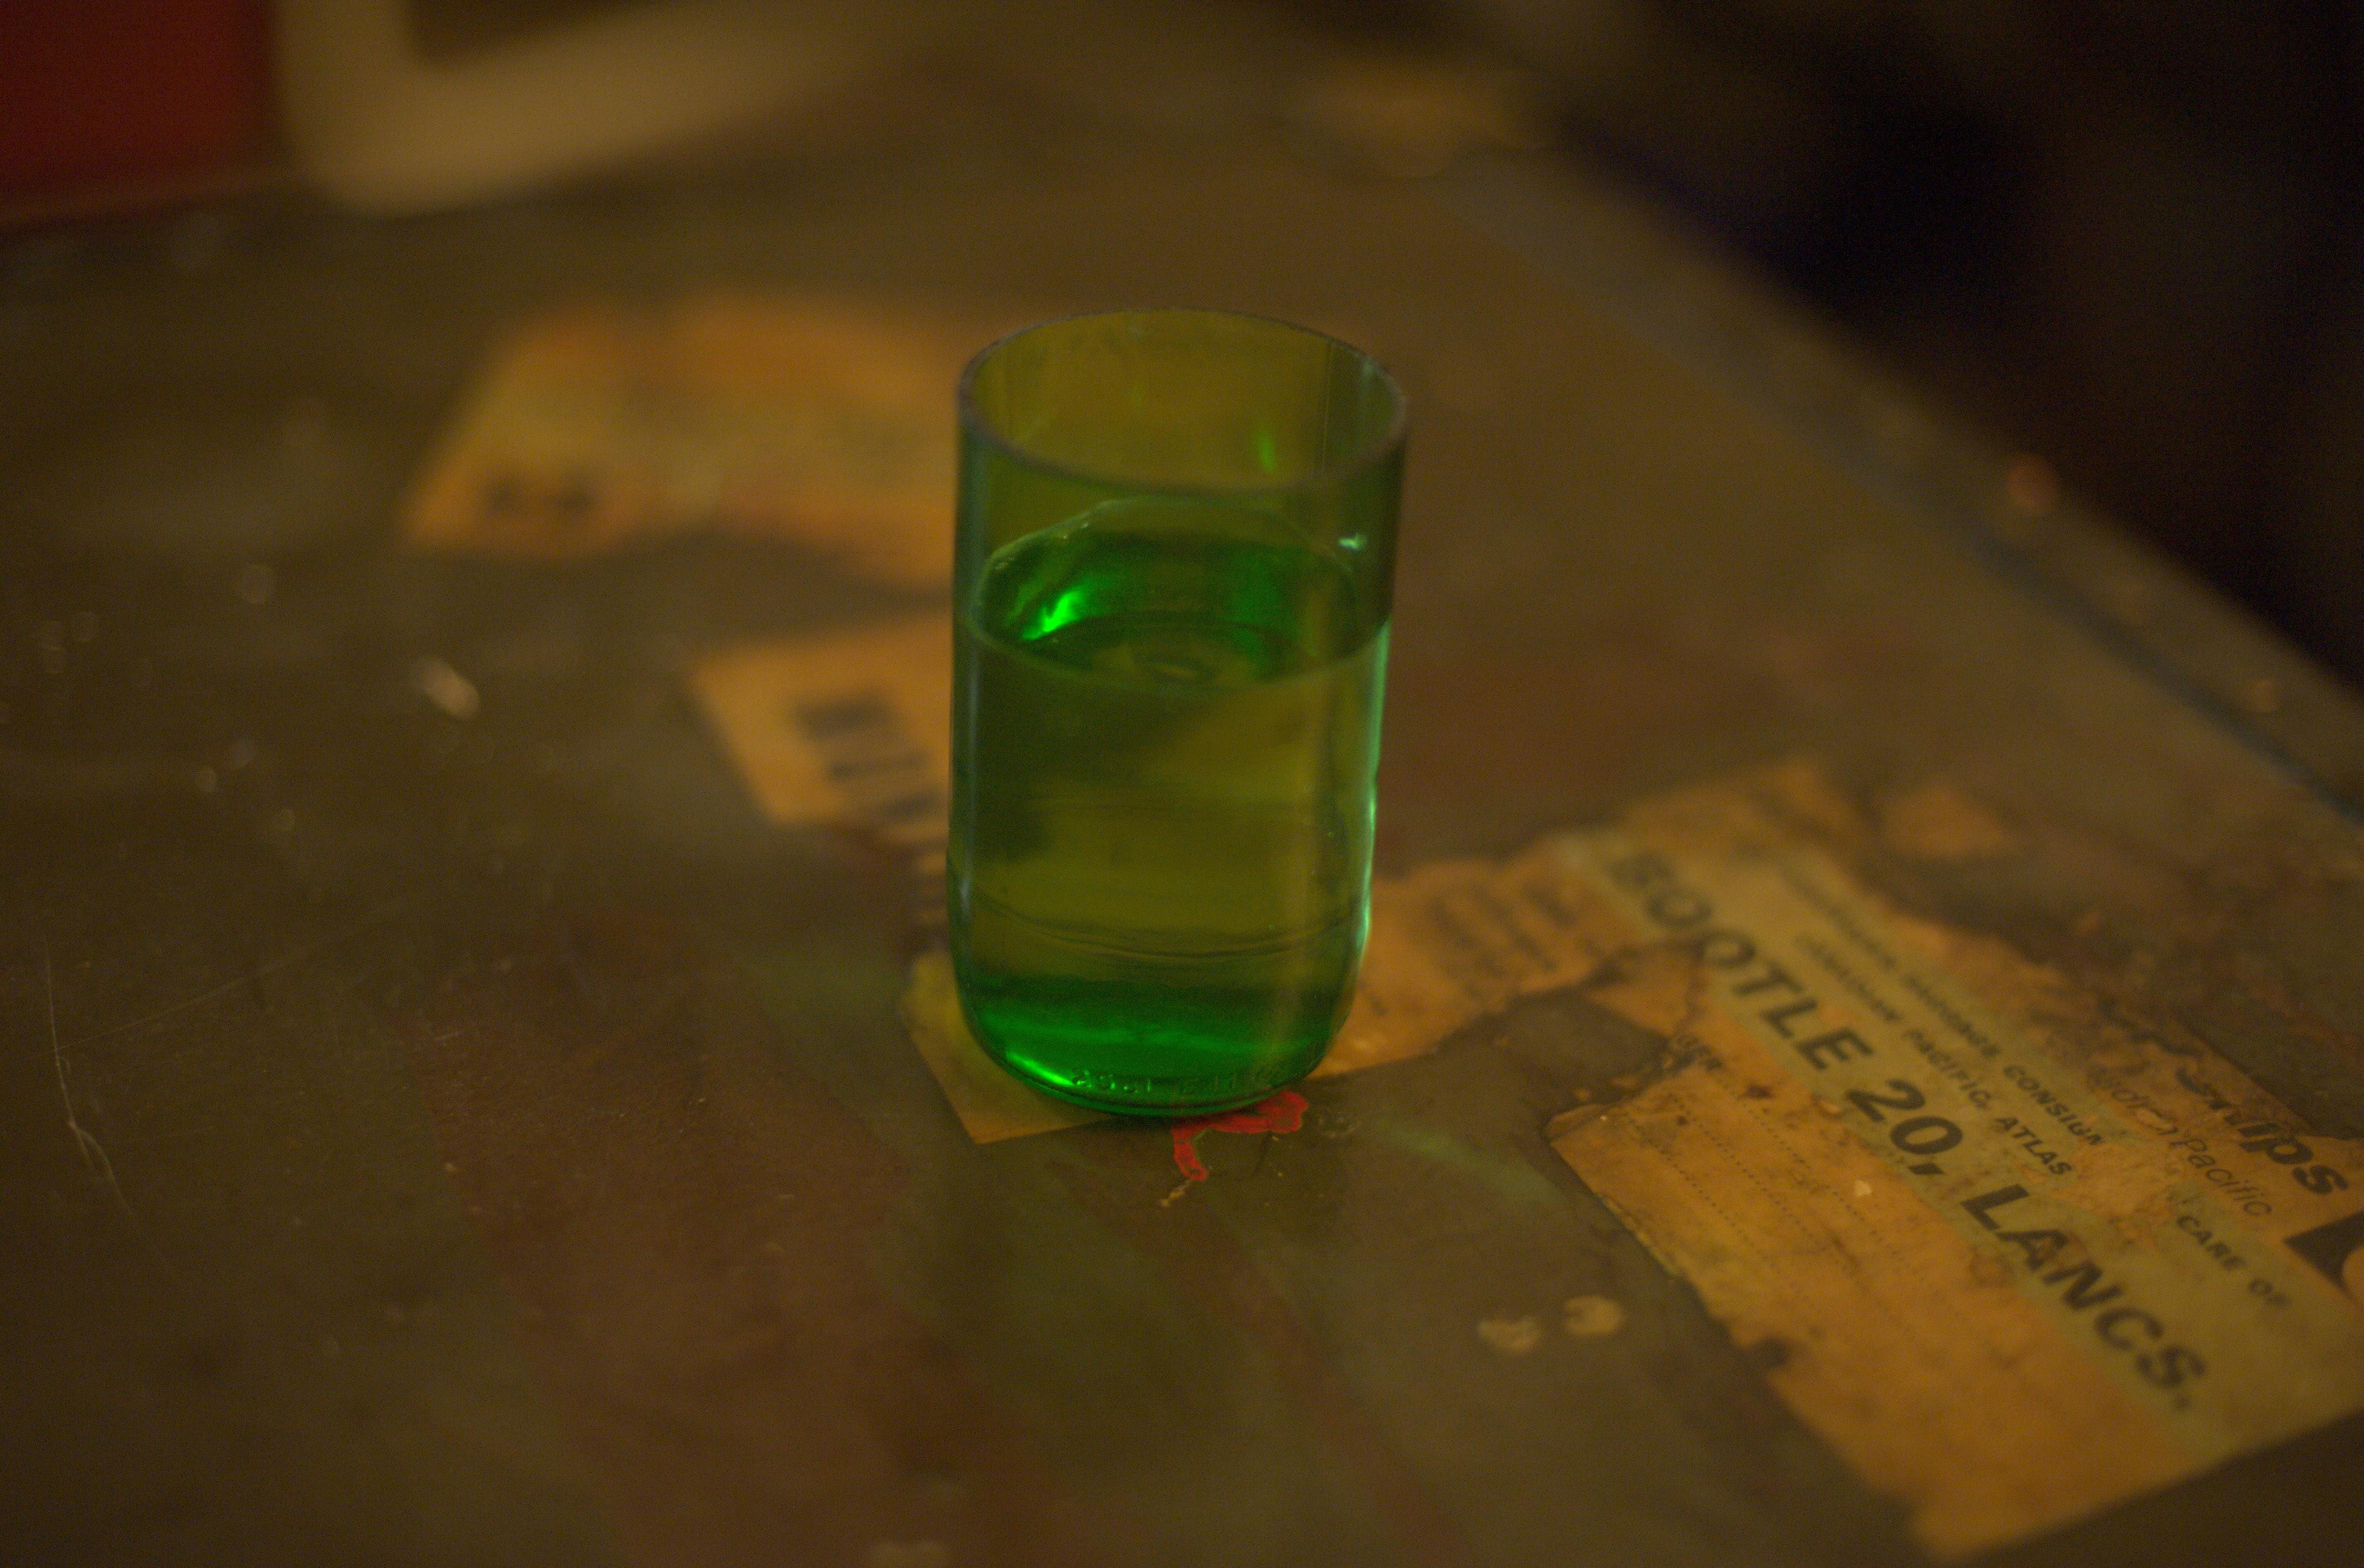 Emerald Coloured Glasses